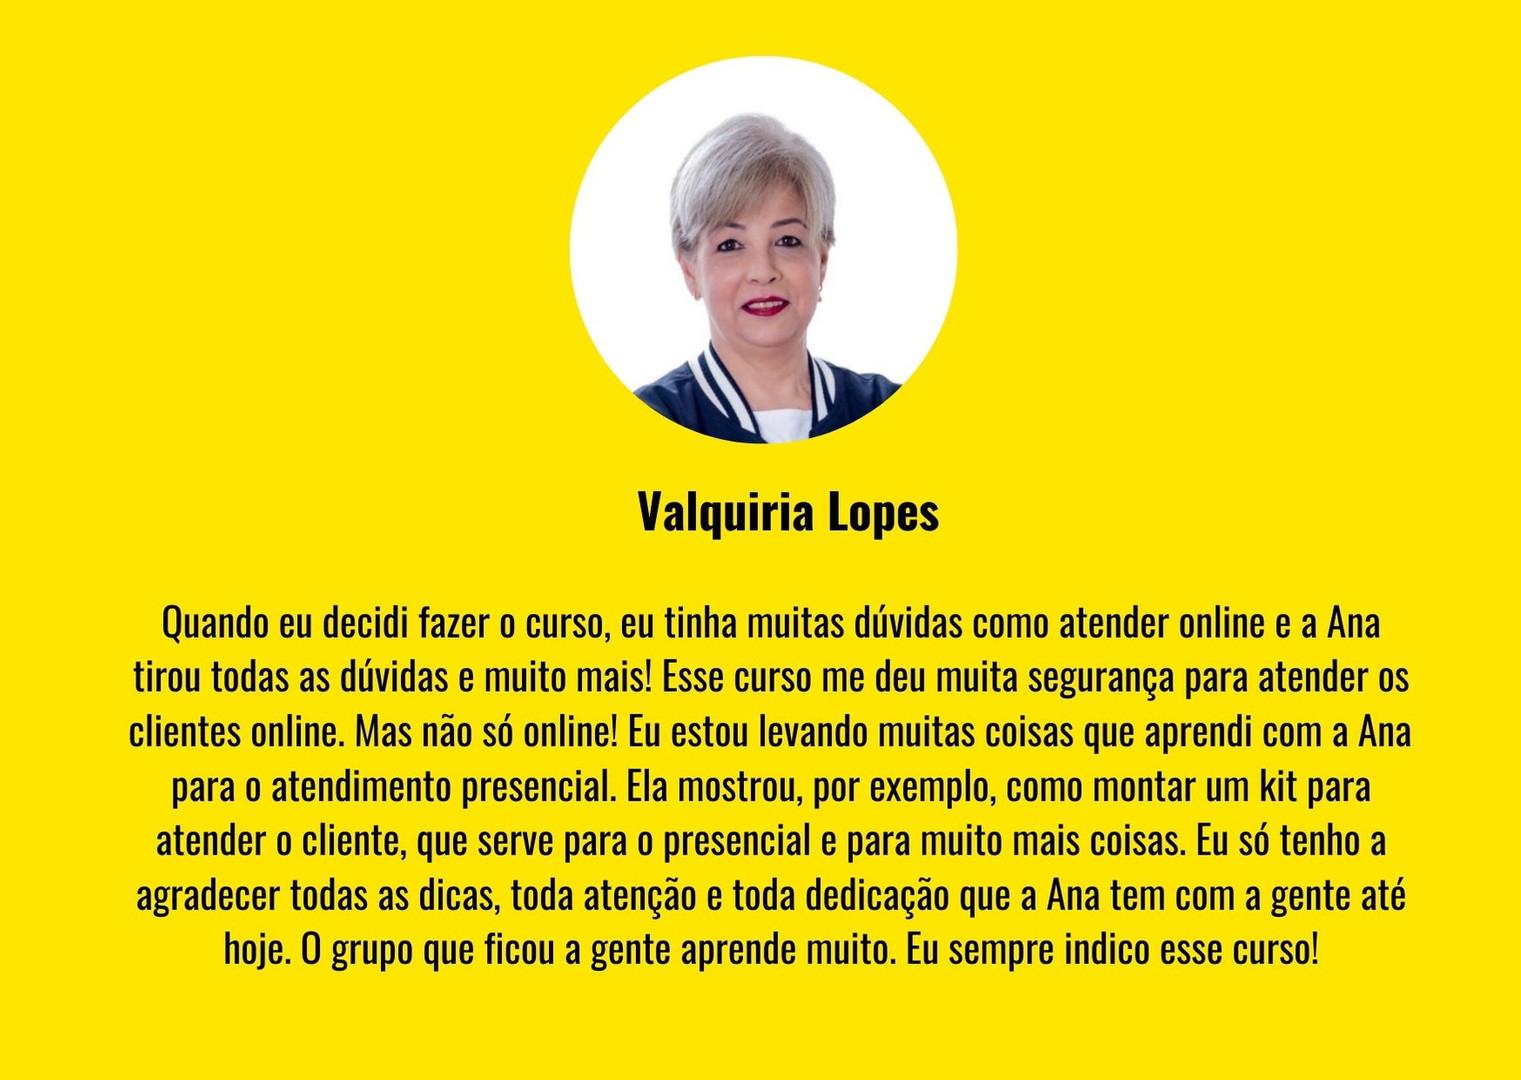 Valquiria Lopes